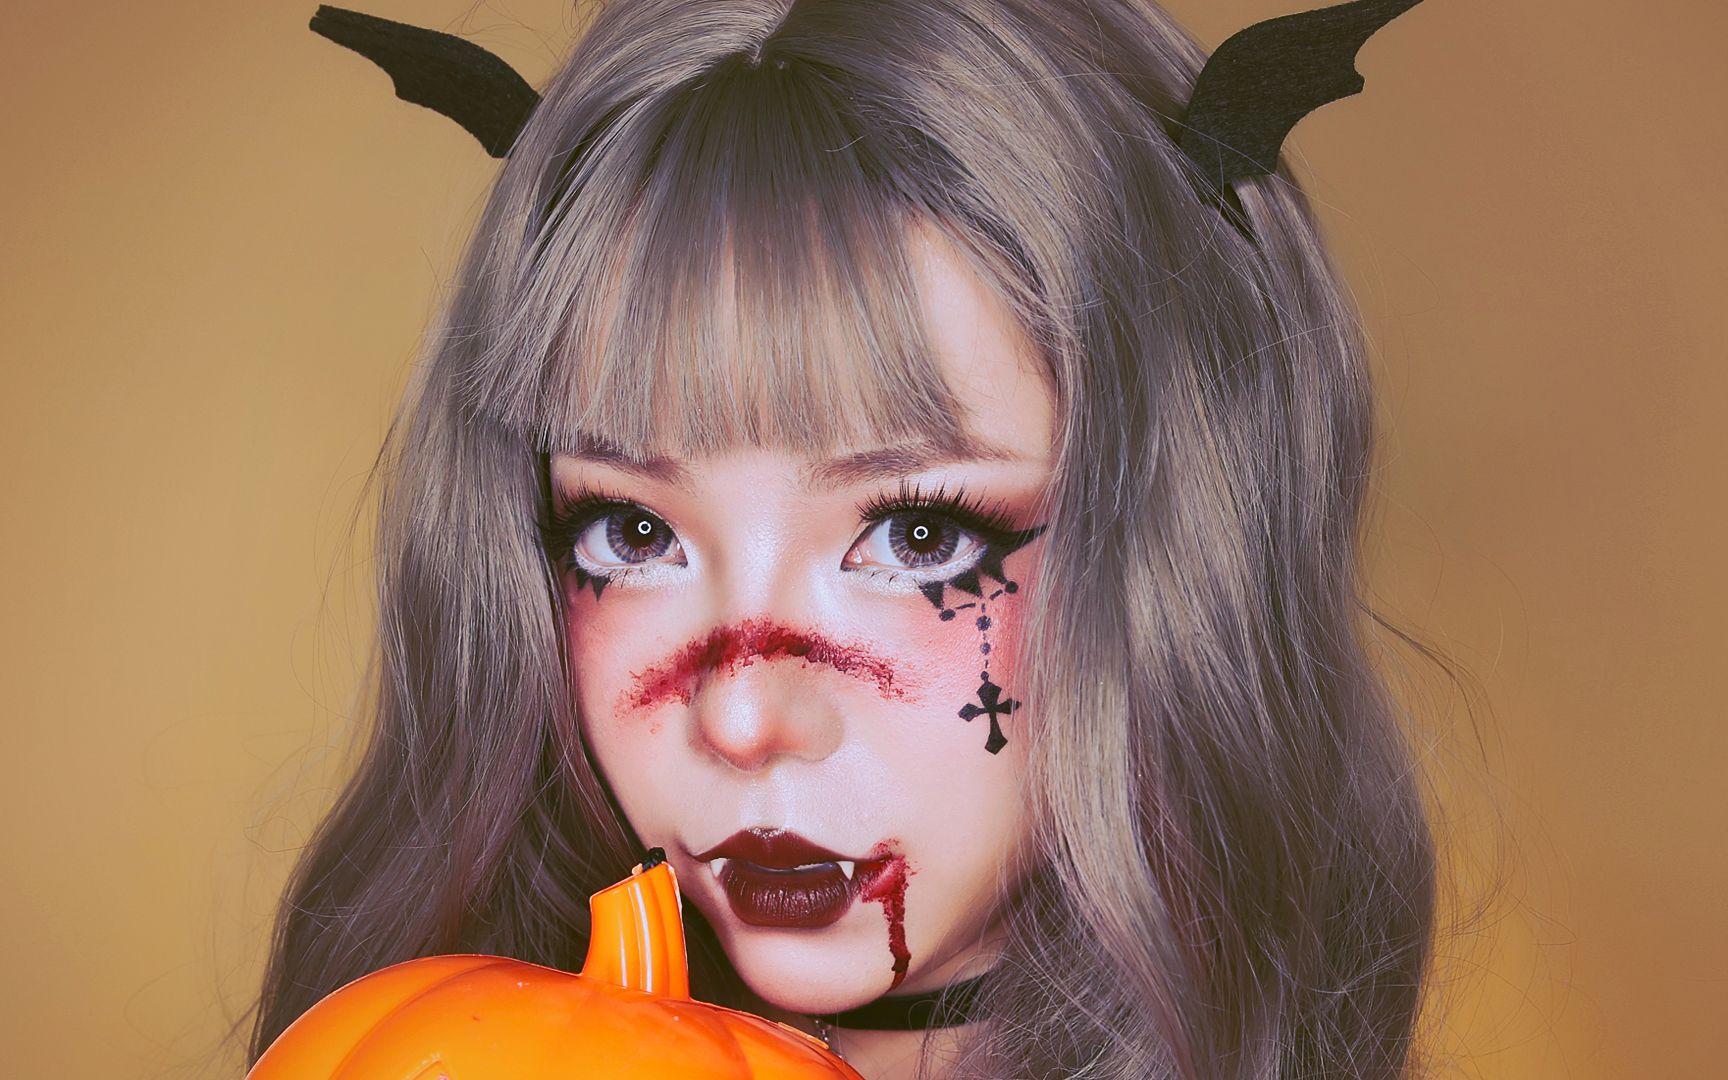 【mooi】万圣节被欺负的暗黑小恶魔萝莉求帅哥哥保护!图片